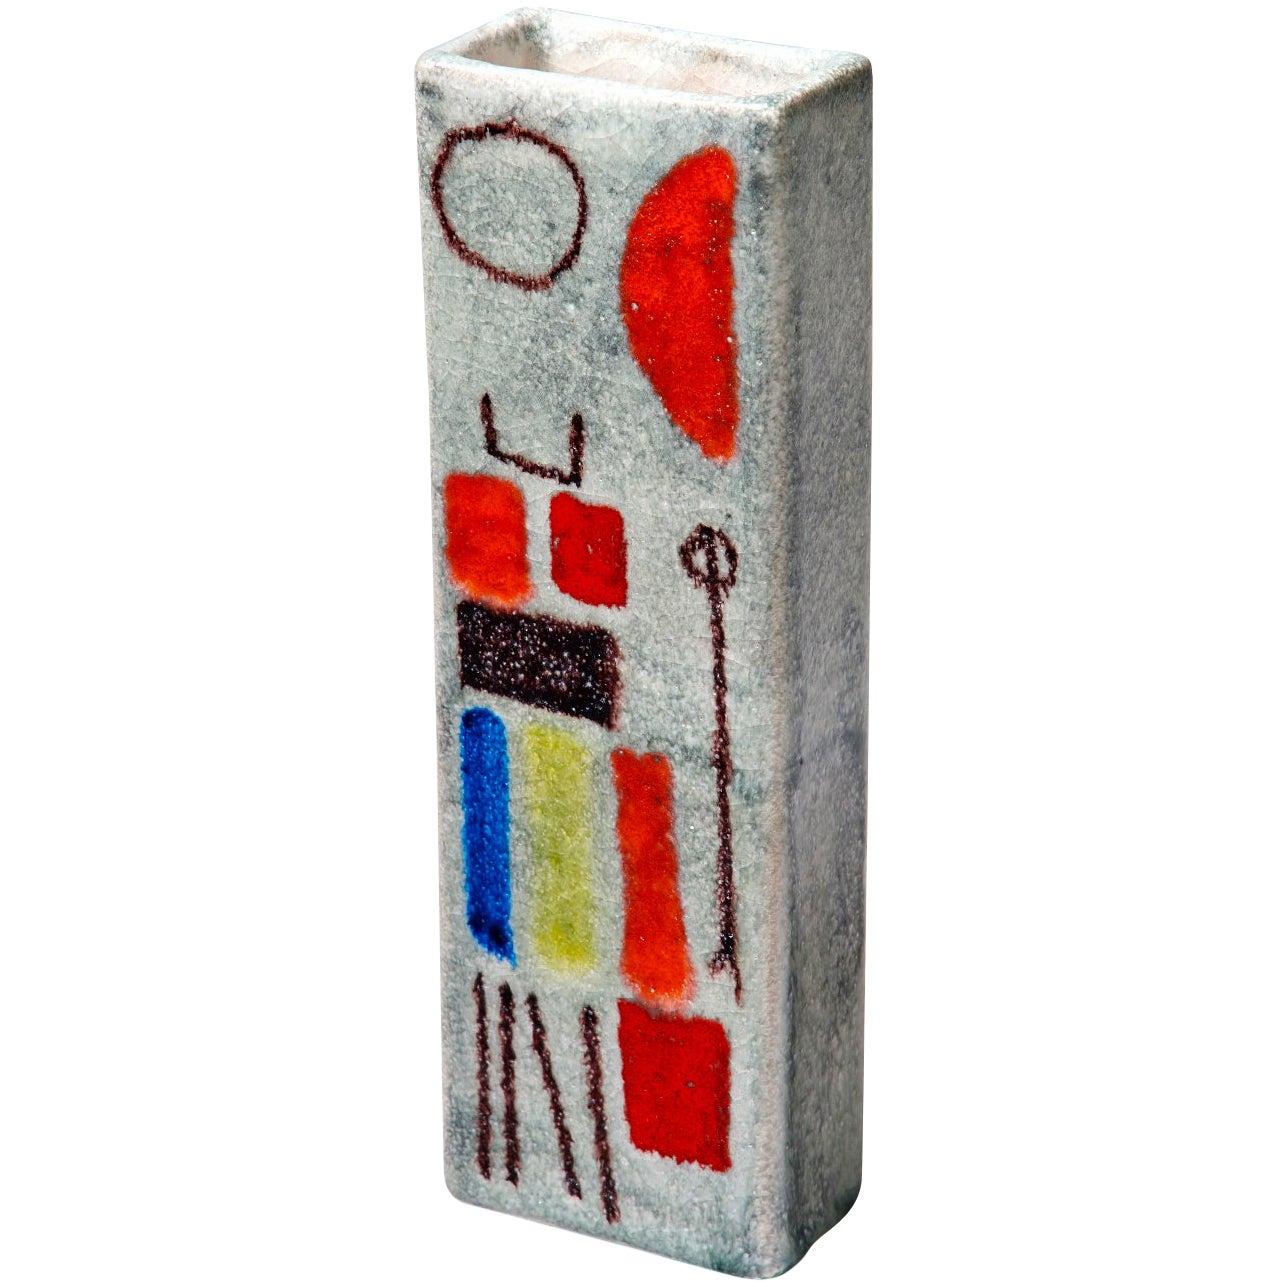 Vase by Guido Gambone